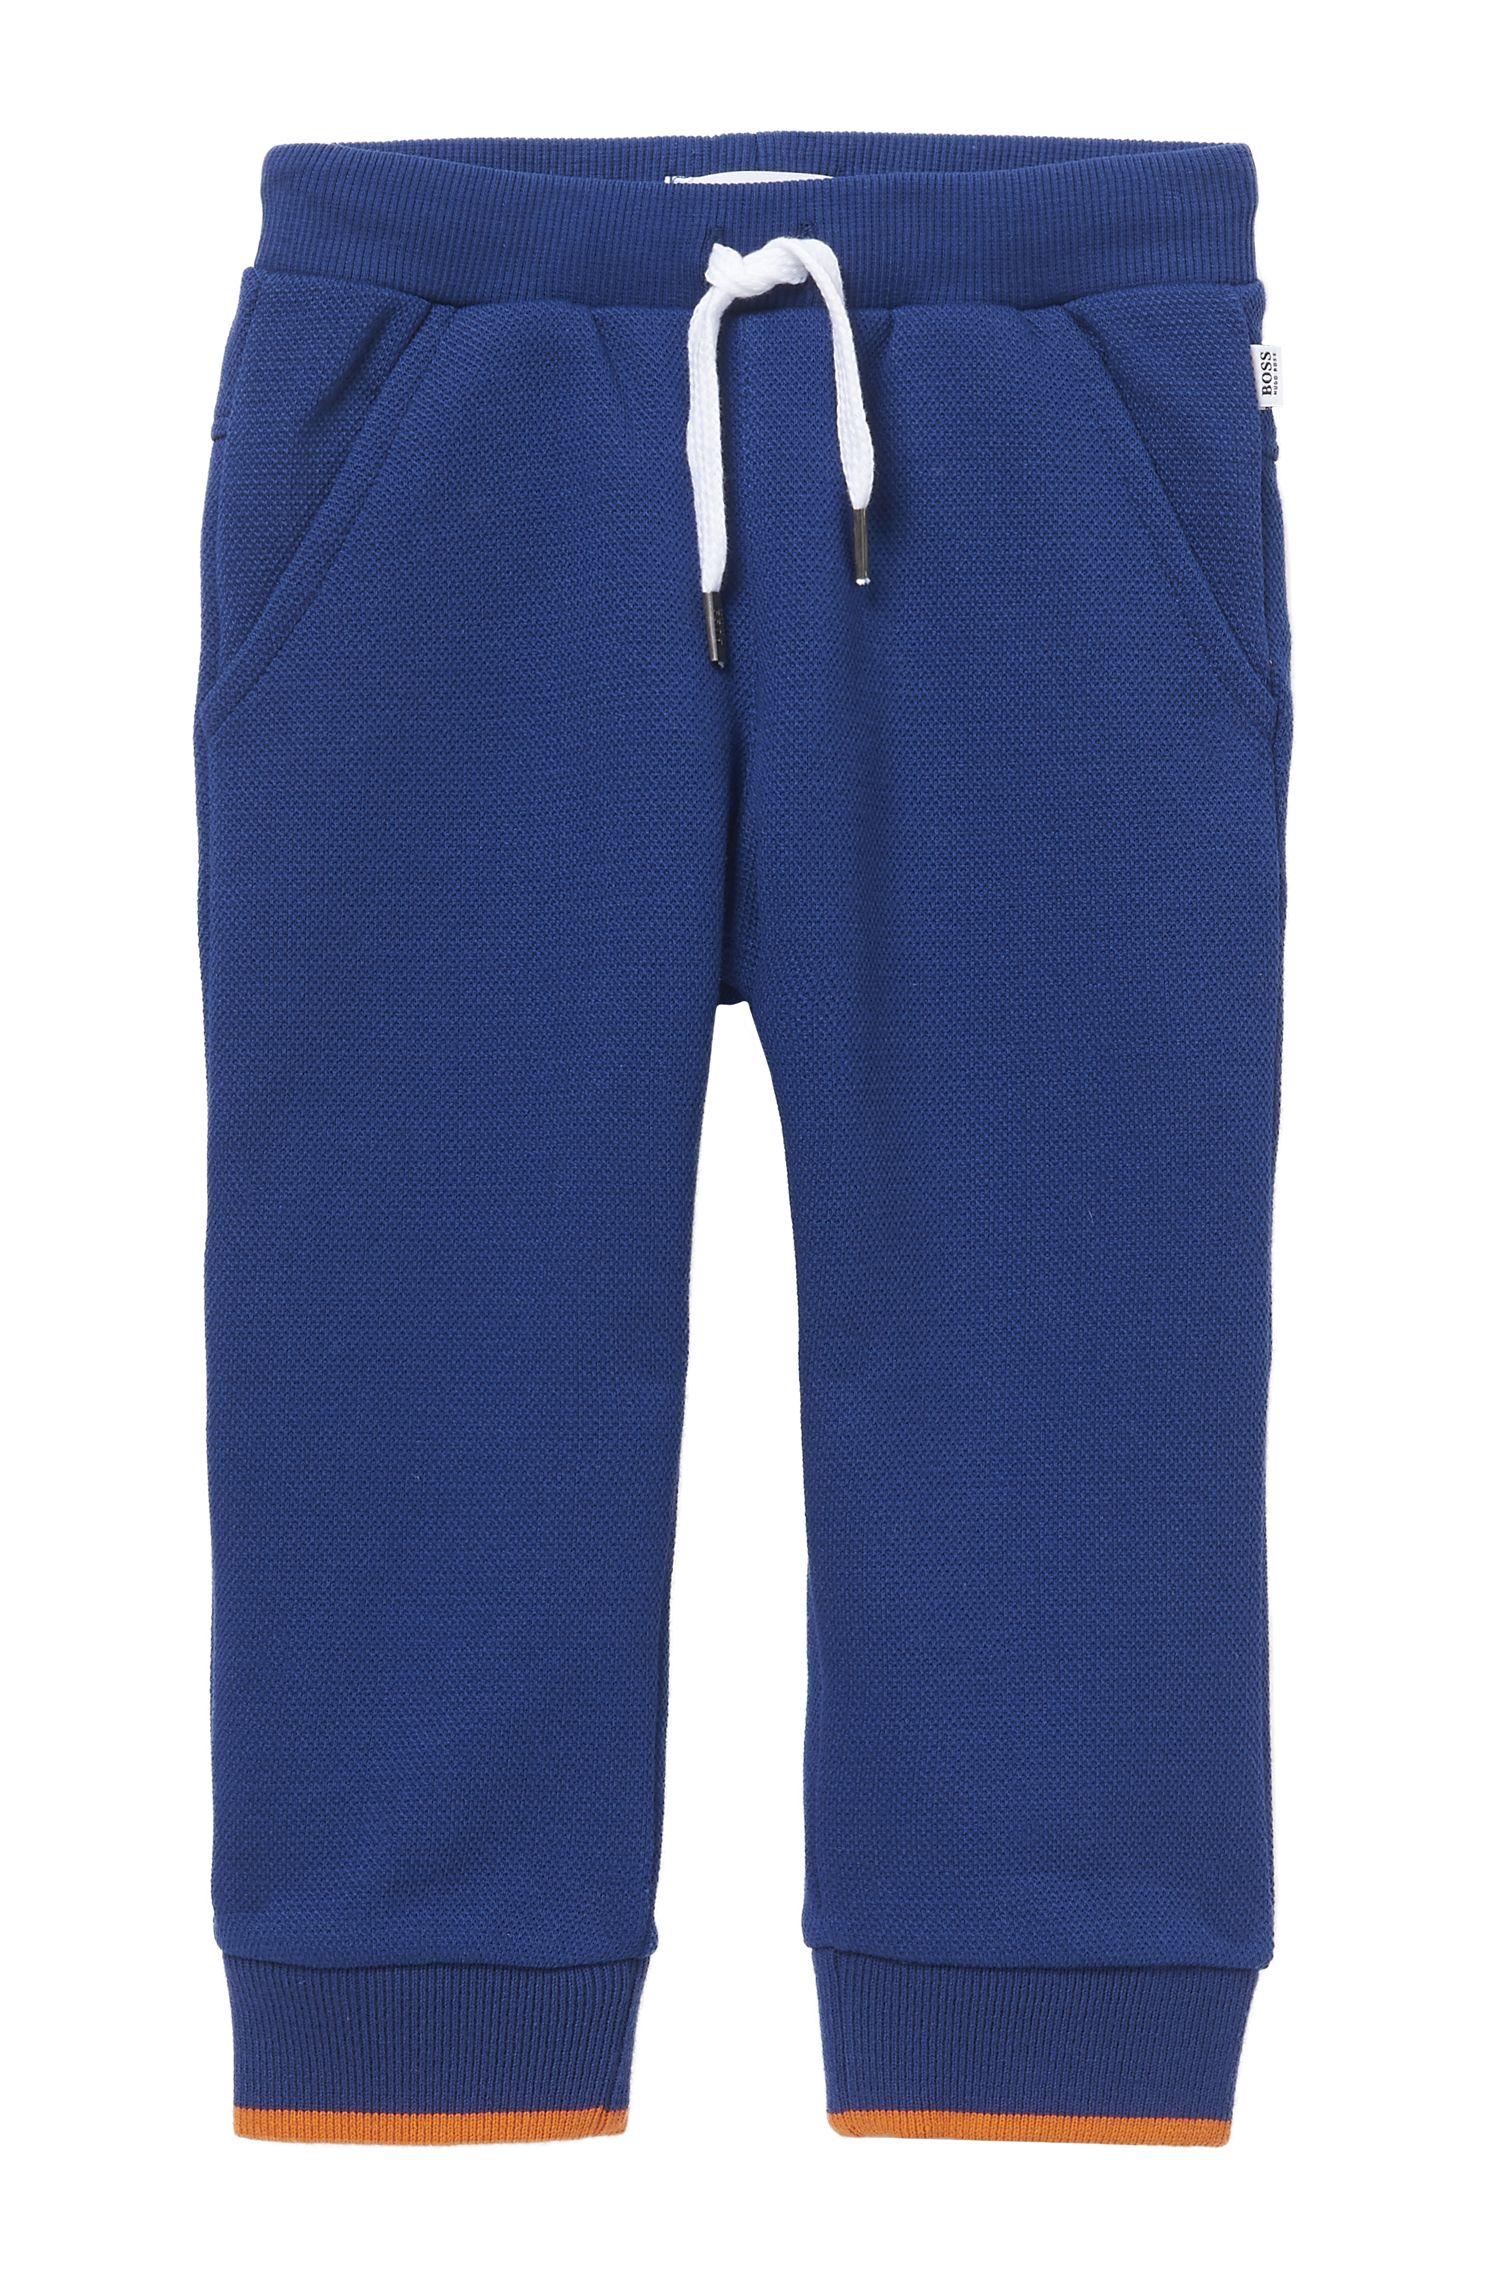 'J04246' | Toddler Cotton Pique Sweatpants